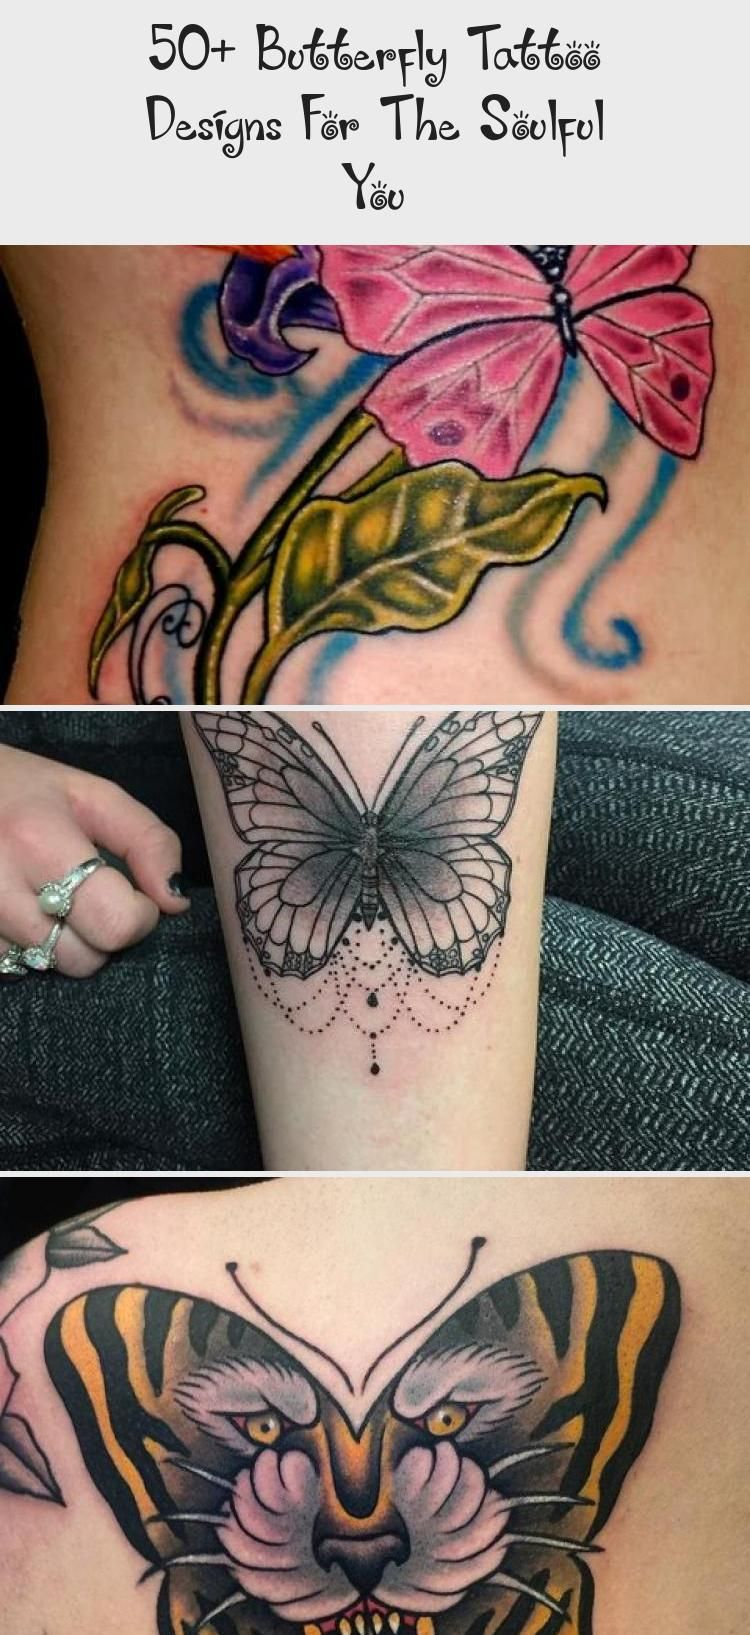 Photo of 50+ Schmetterling Tattoo Designs für die Seele Sie – Beste Tattoos